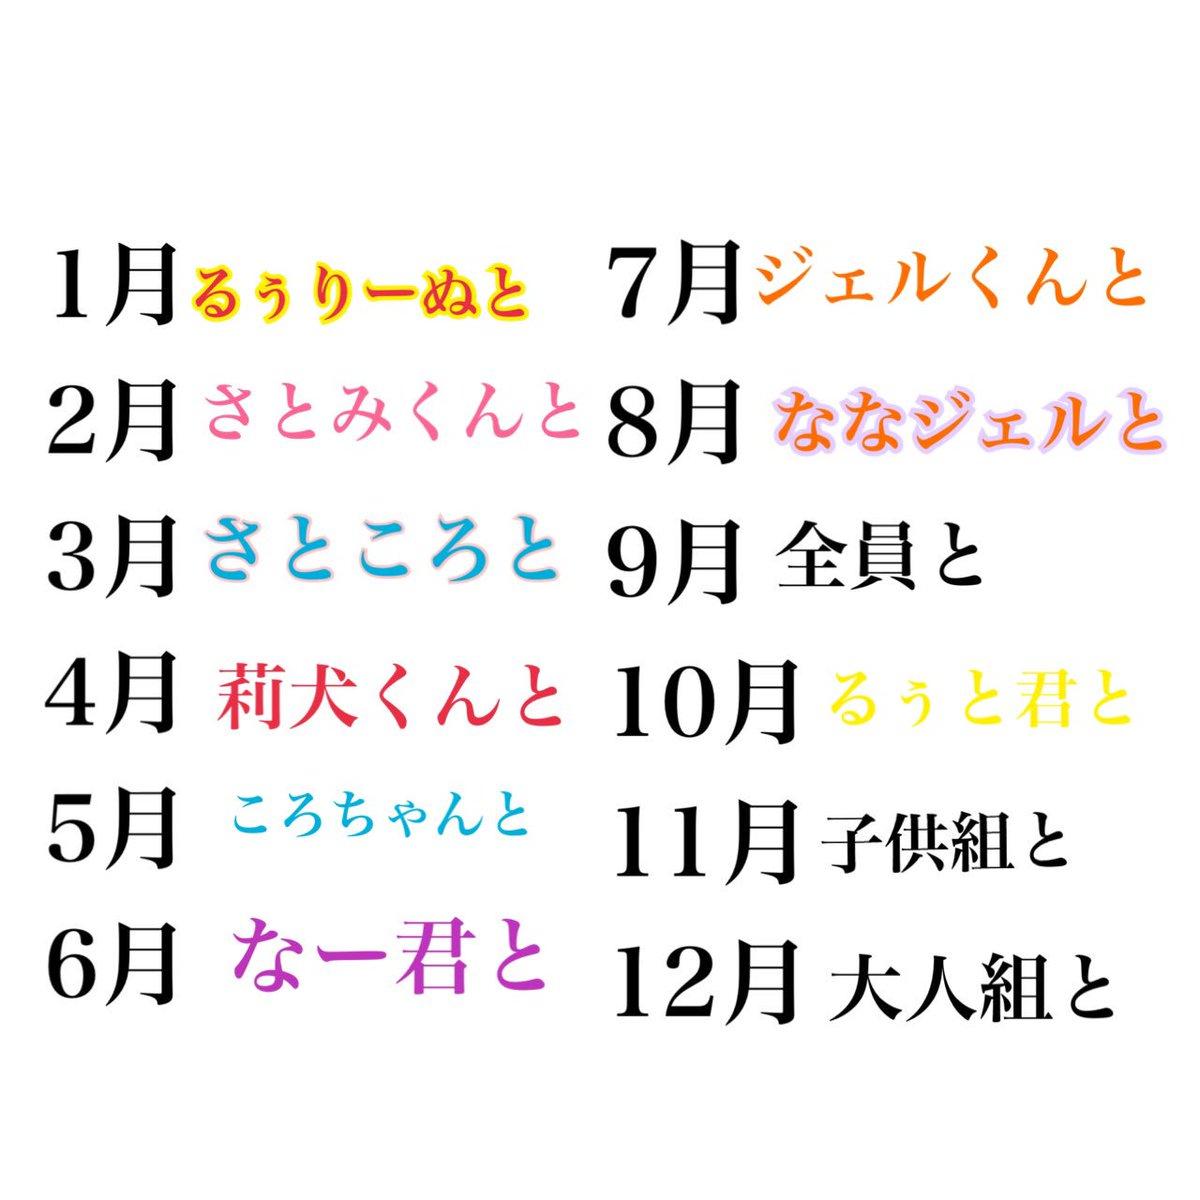 す と ぷり 誕生 日 誕生日のフルーツを知りたい♡366日の【誕生果と果物言葉】リスト♩